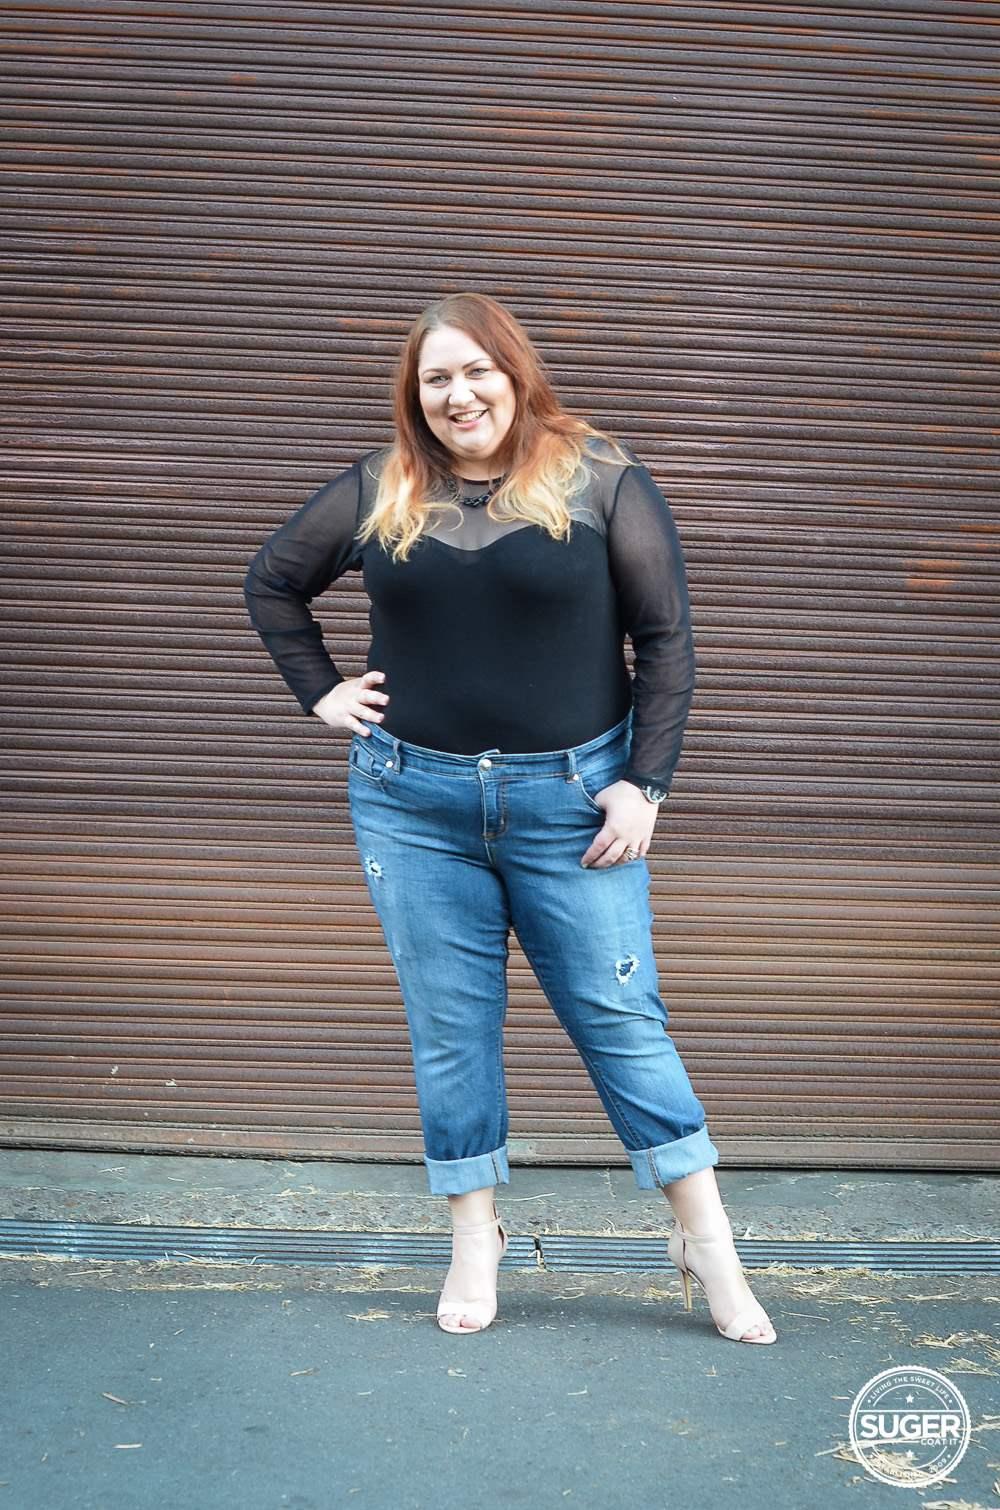 Фото полных девушек в бойфренд джинсах